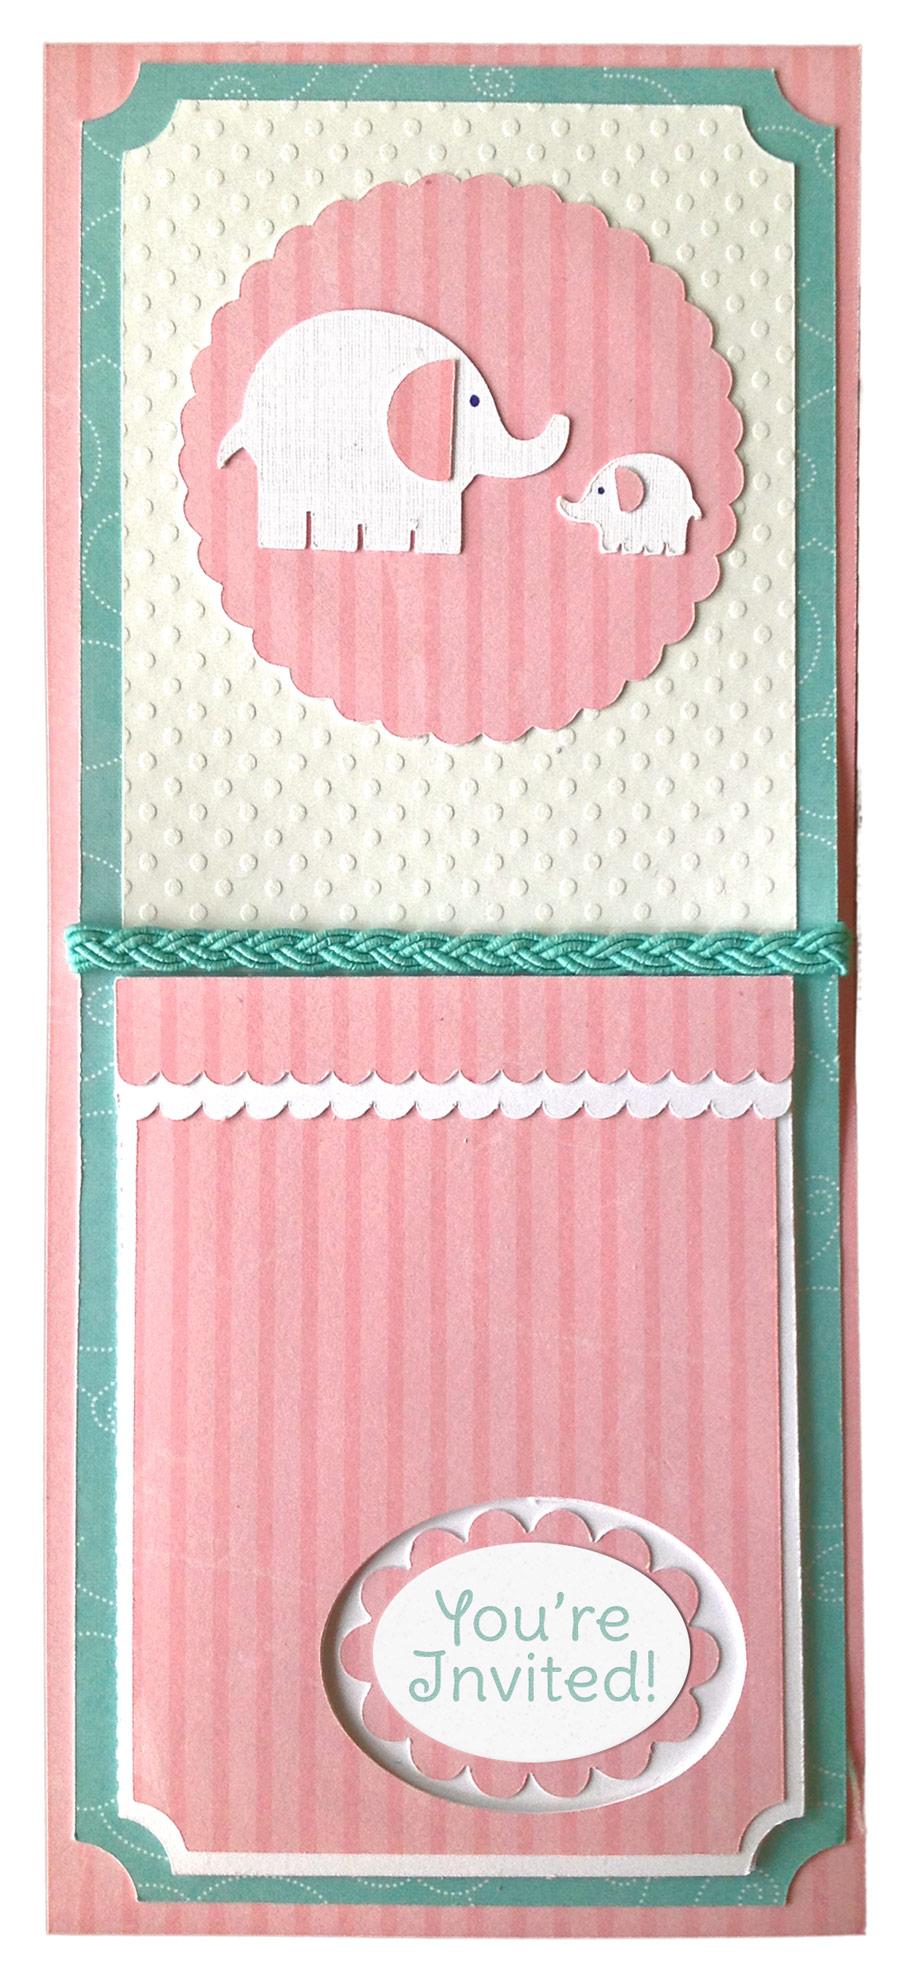 100 Baby Shower Invitations At Walmart Cute Handmade Baby S. 100 ...